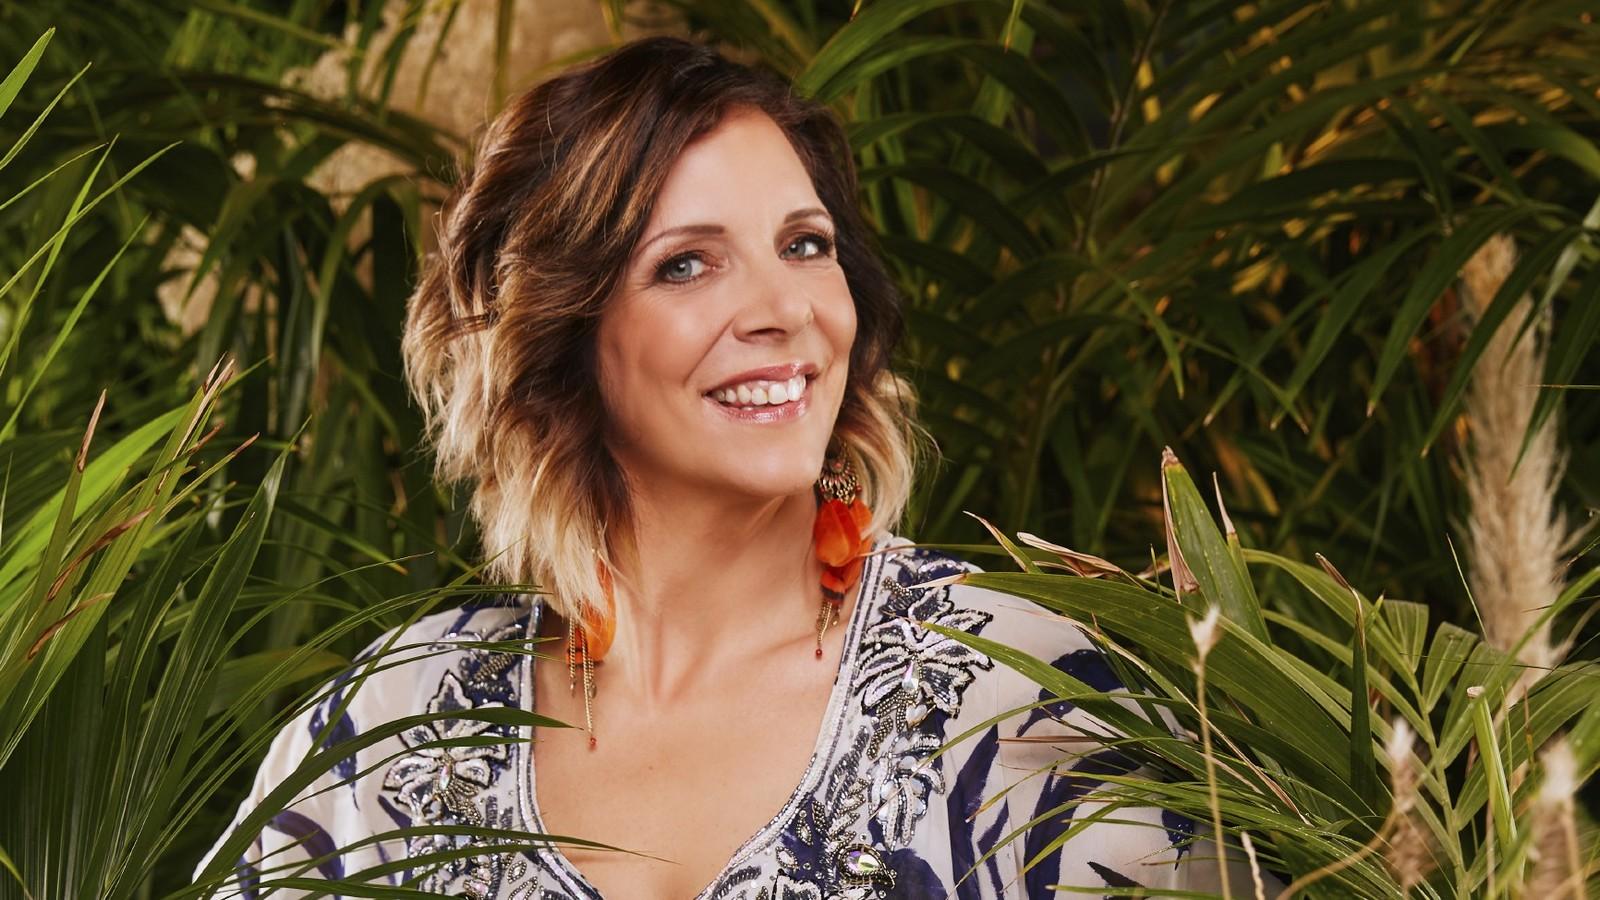 Dschungelcamp 2020 Davor Hat Daniela Buchner Wirklich Angst